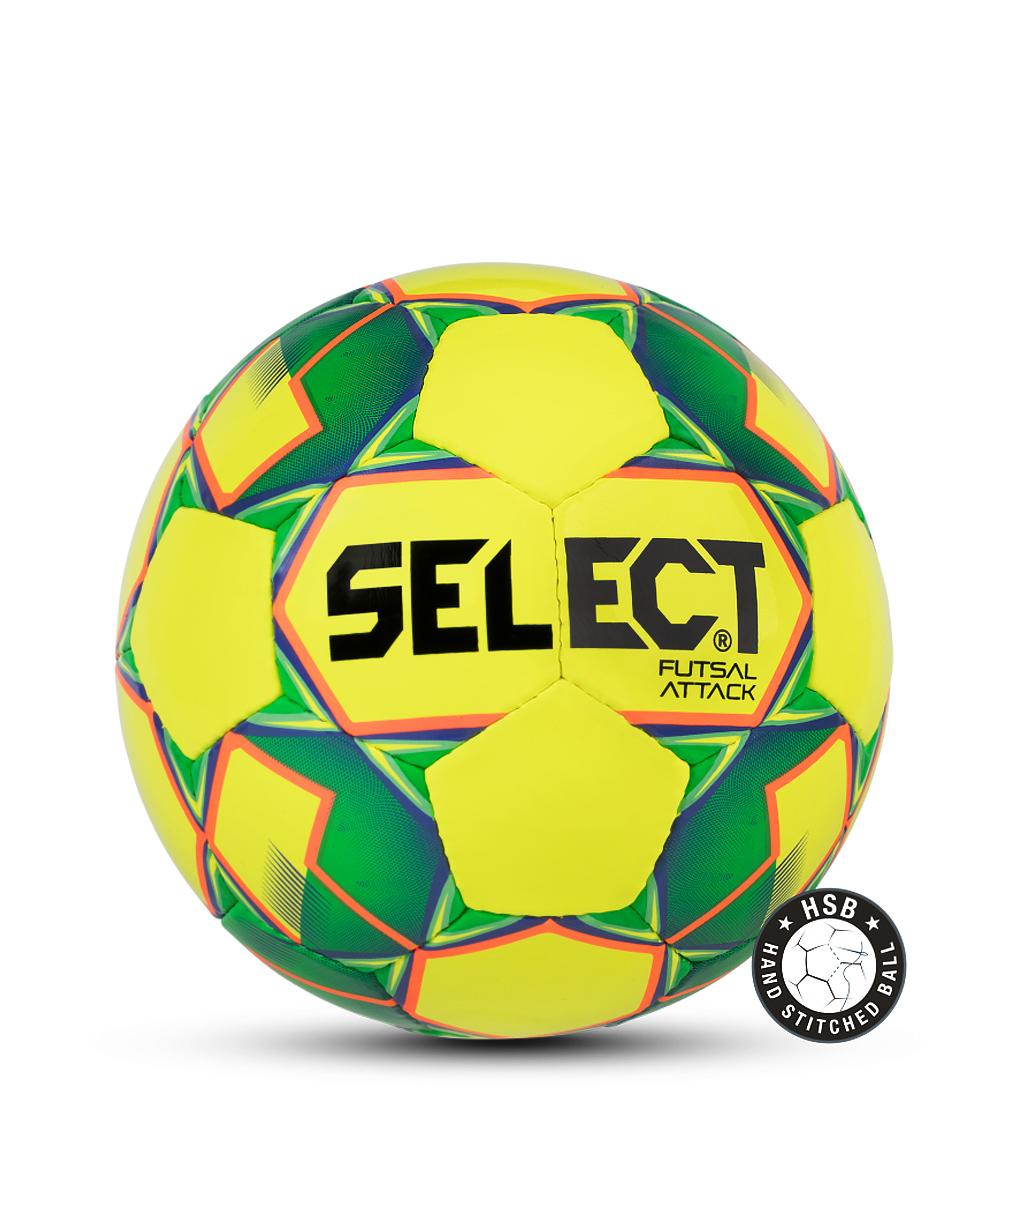 Купить мяч Select Futsal Attack 854615 жёлтый (Размер 4) в интернет-магазине